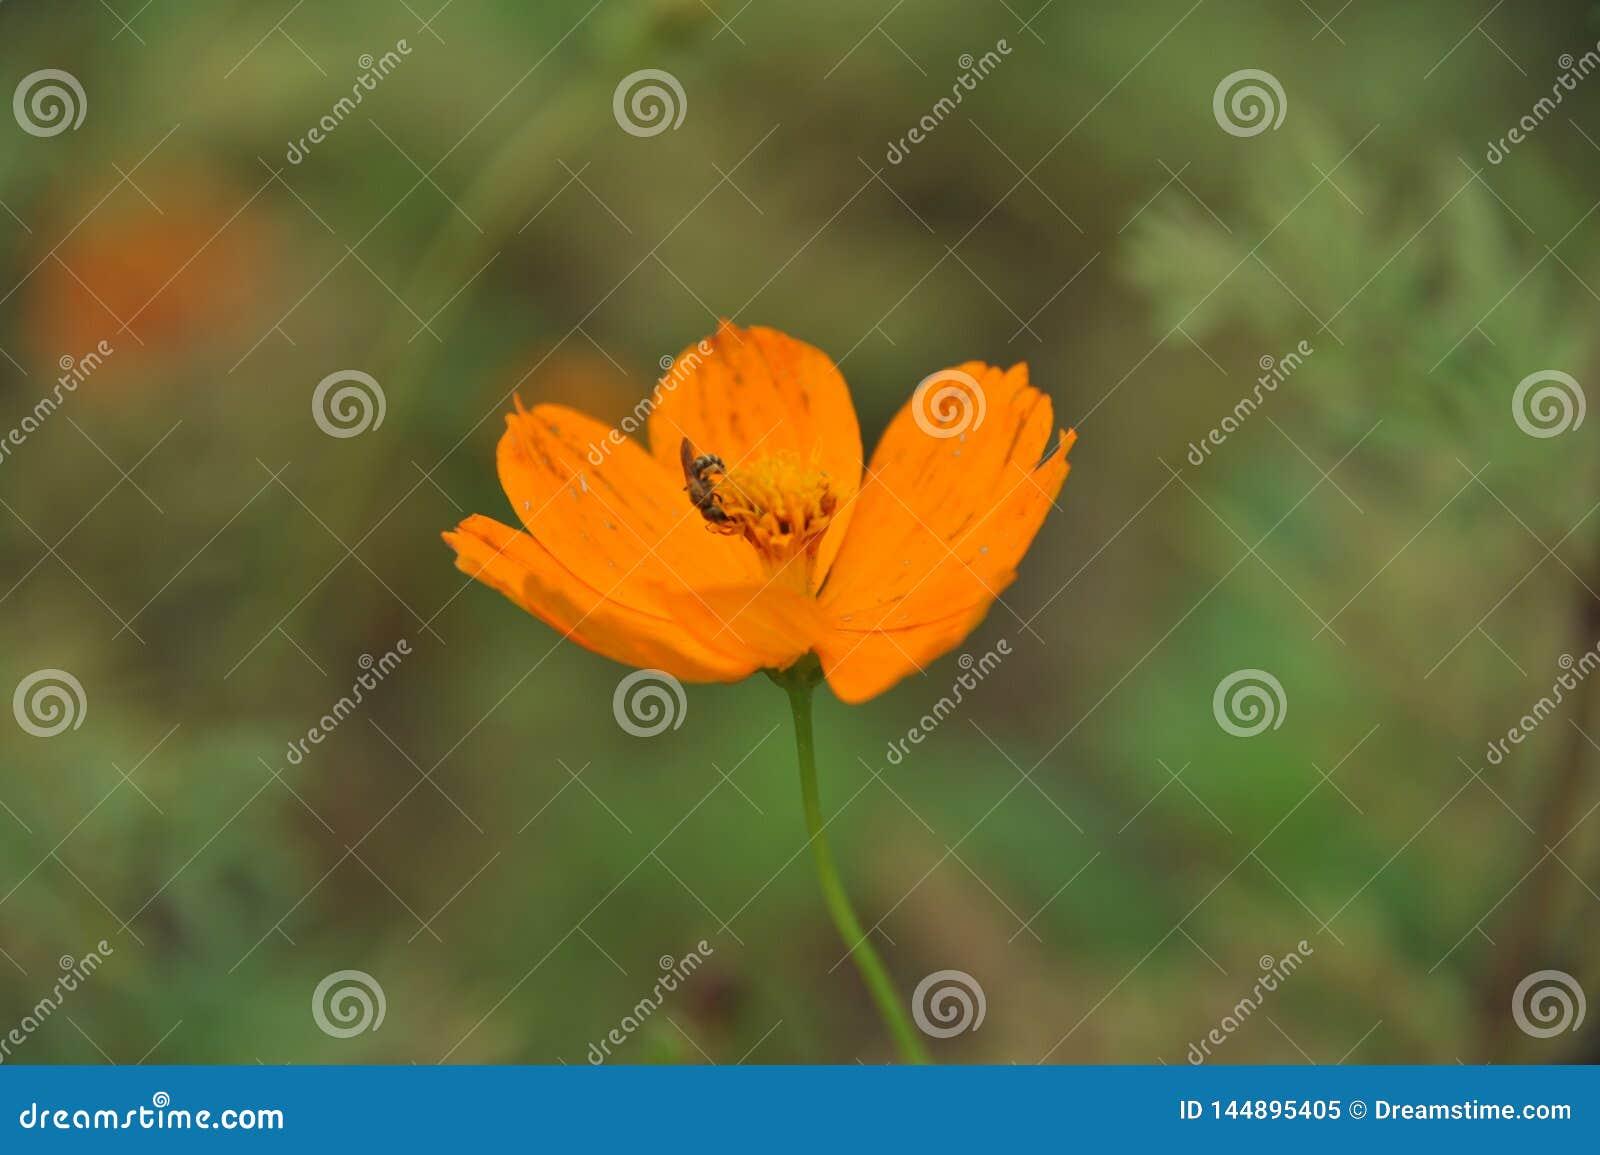 Cosmos et abeille oranges